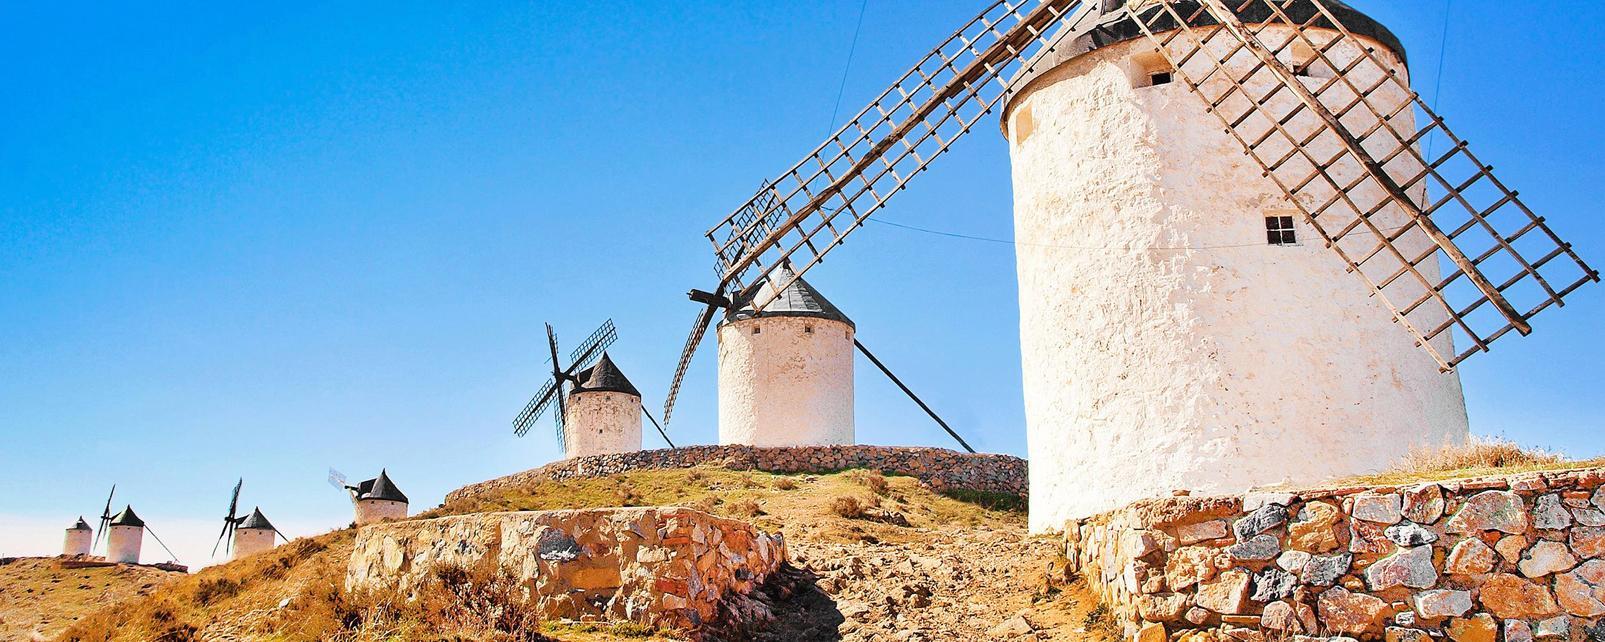 Europe, Espagne, Castille la Manche, Campo de Criptana, La Mancha, moulin, moulin à vent,